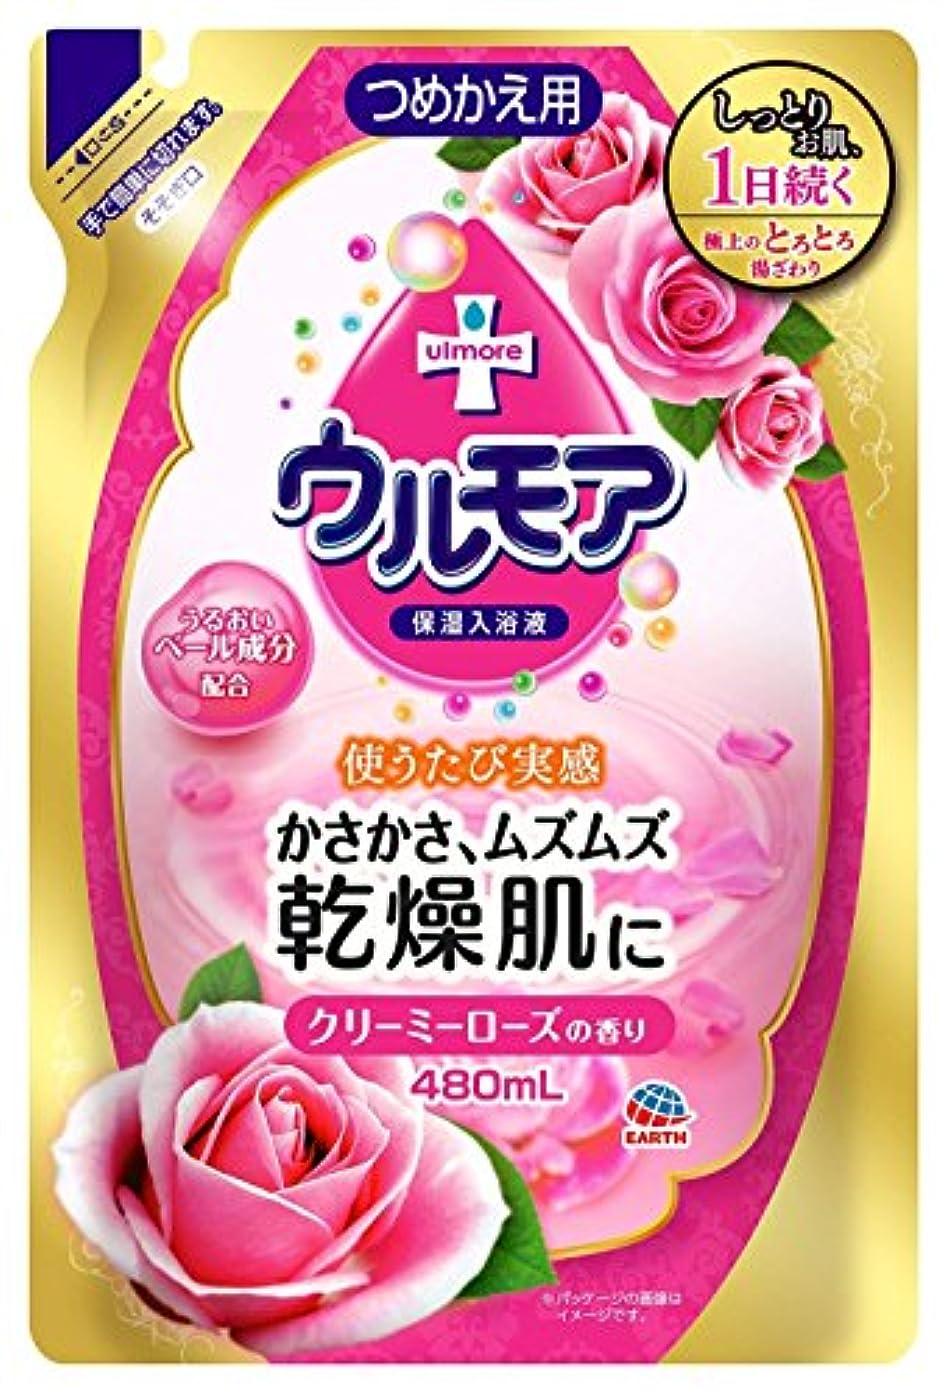 カブ厚くする科学的【アース製薬】保湿入浴液ウルモアクリーミーローズの香り 詰替え用 480ml ×10個セット